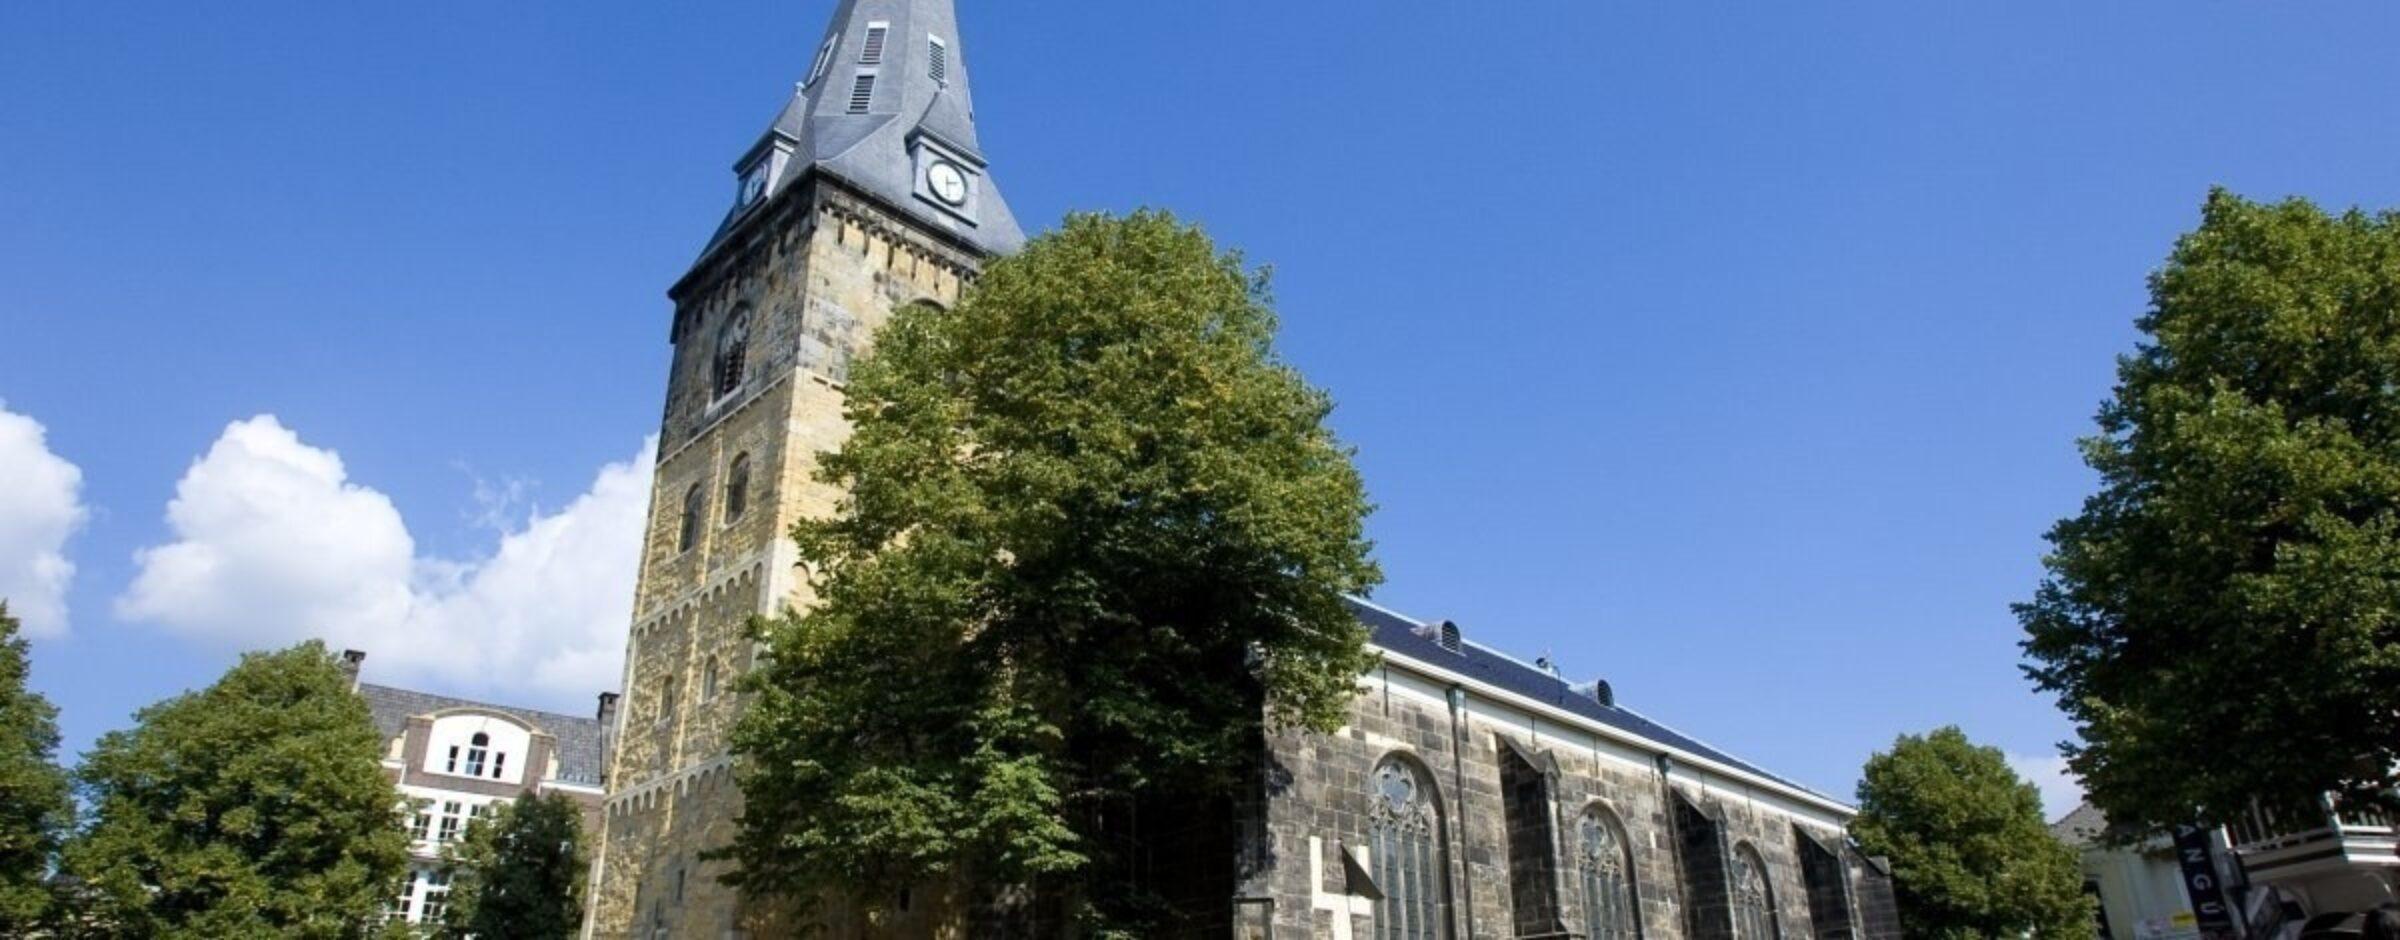 Kerk 117 1520243233 35hssuuk3v